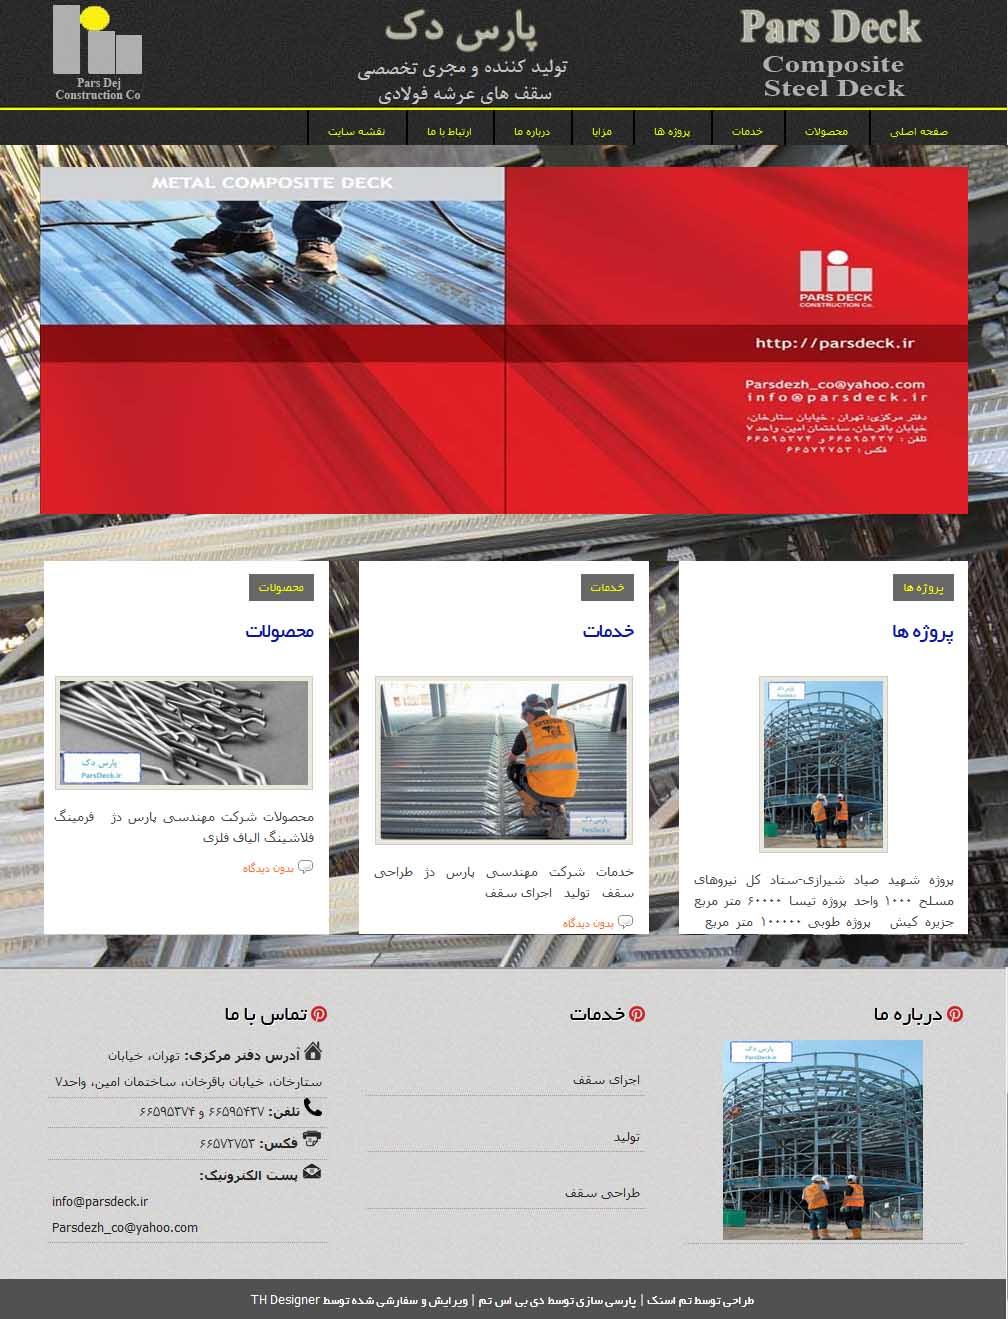 طراحی سایت پارس دک